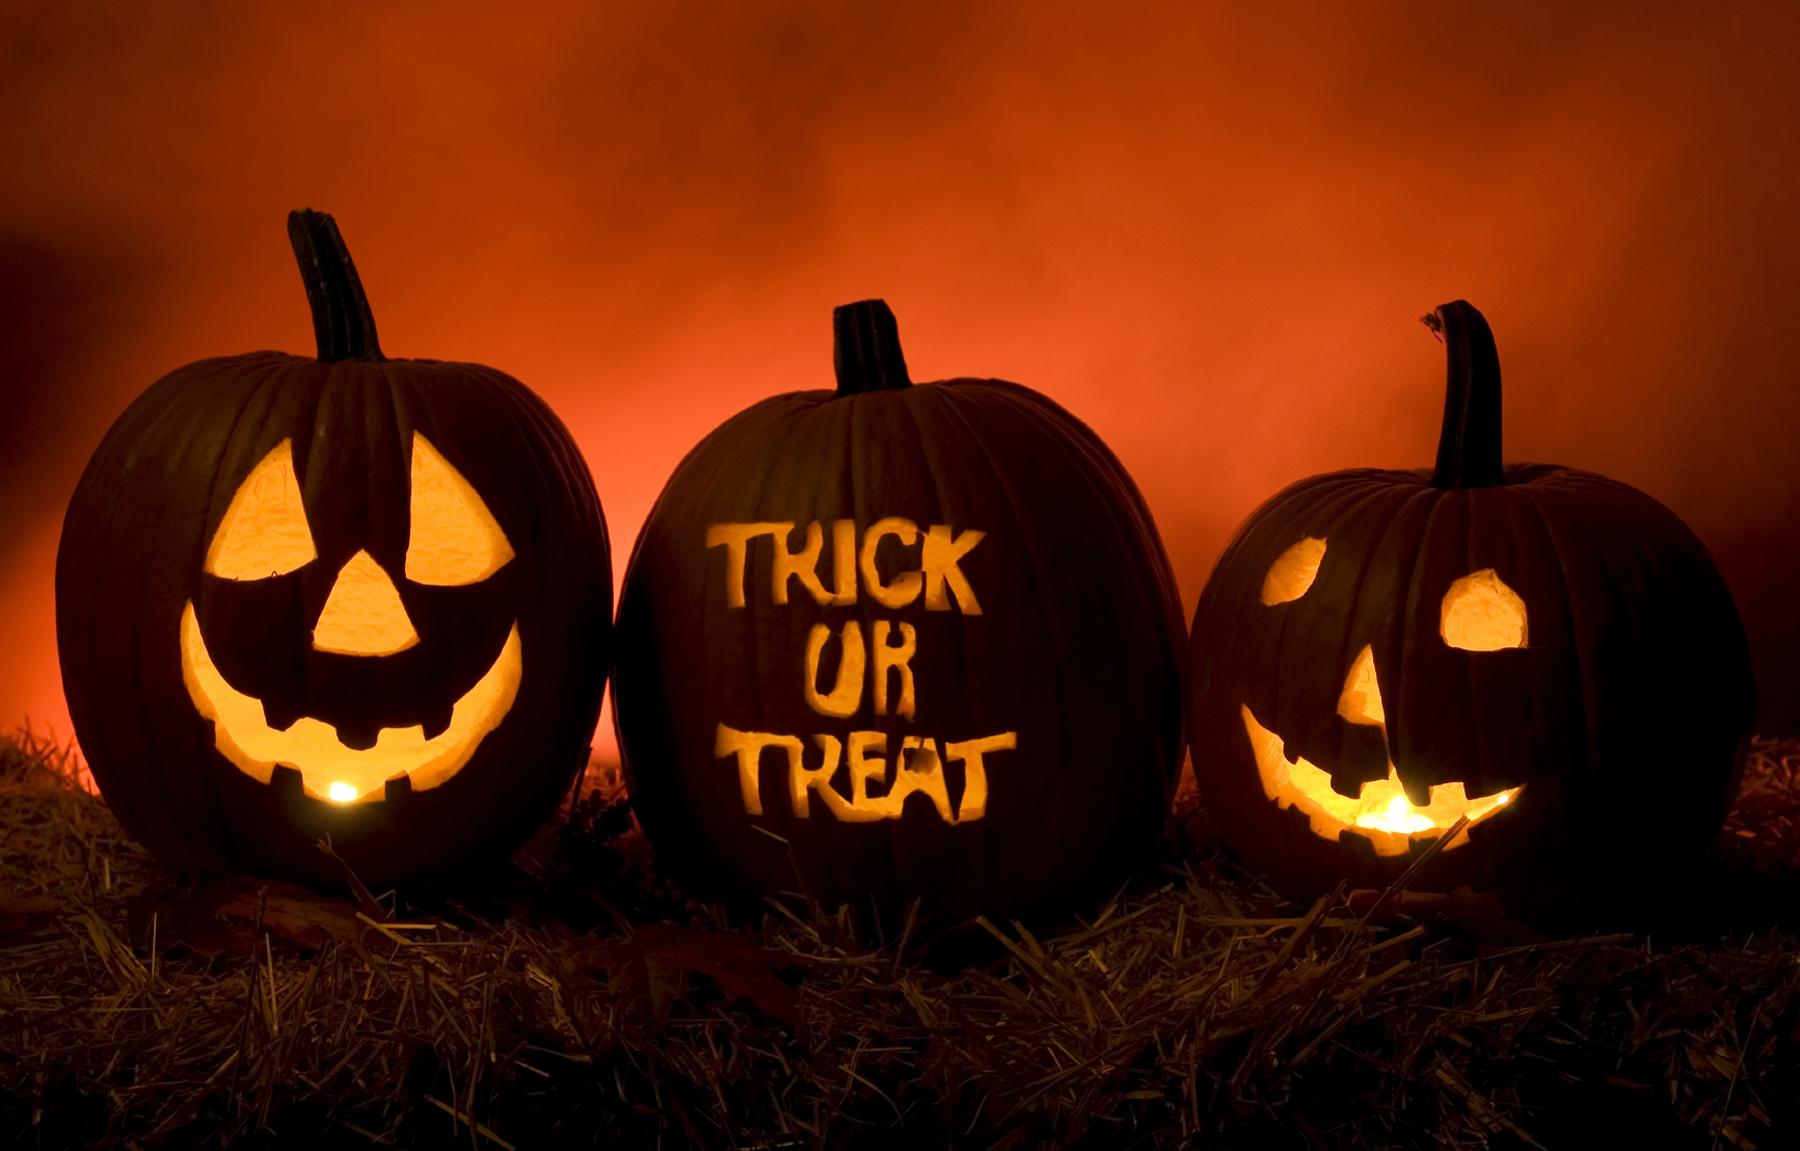 Halloween HD Wallpapers | PixelsTalk Net